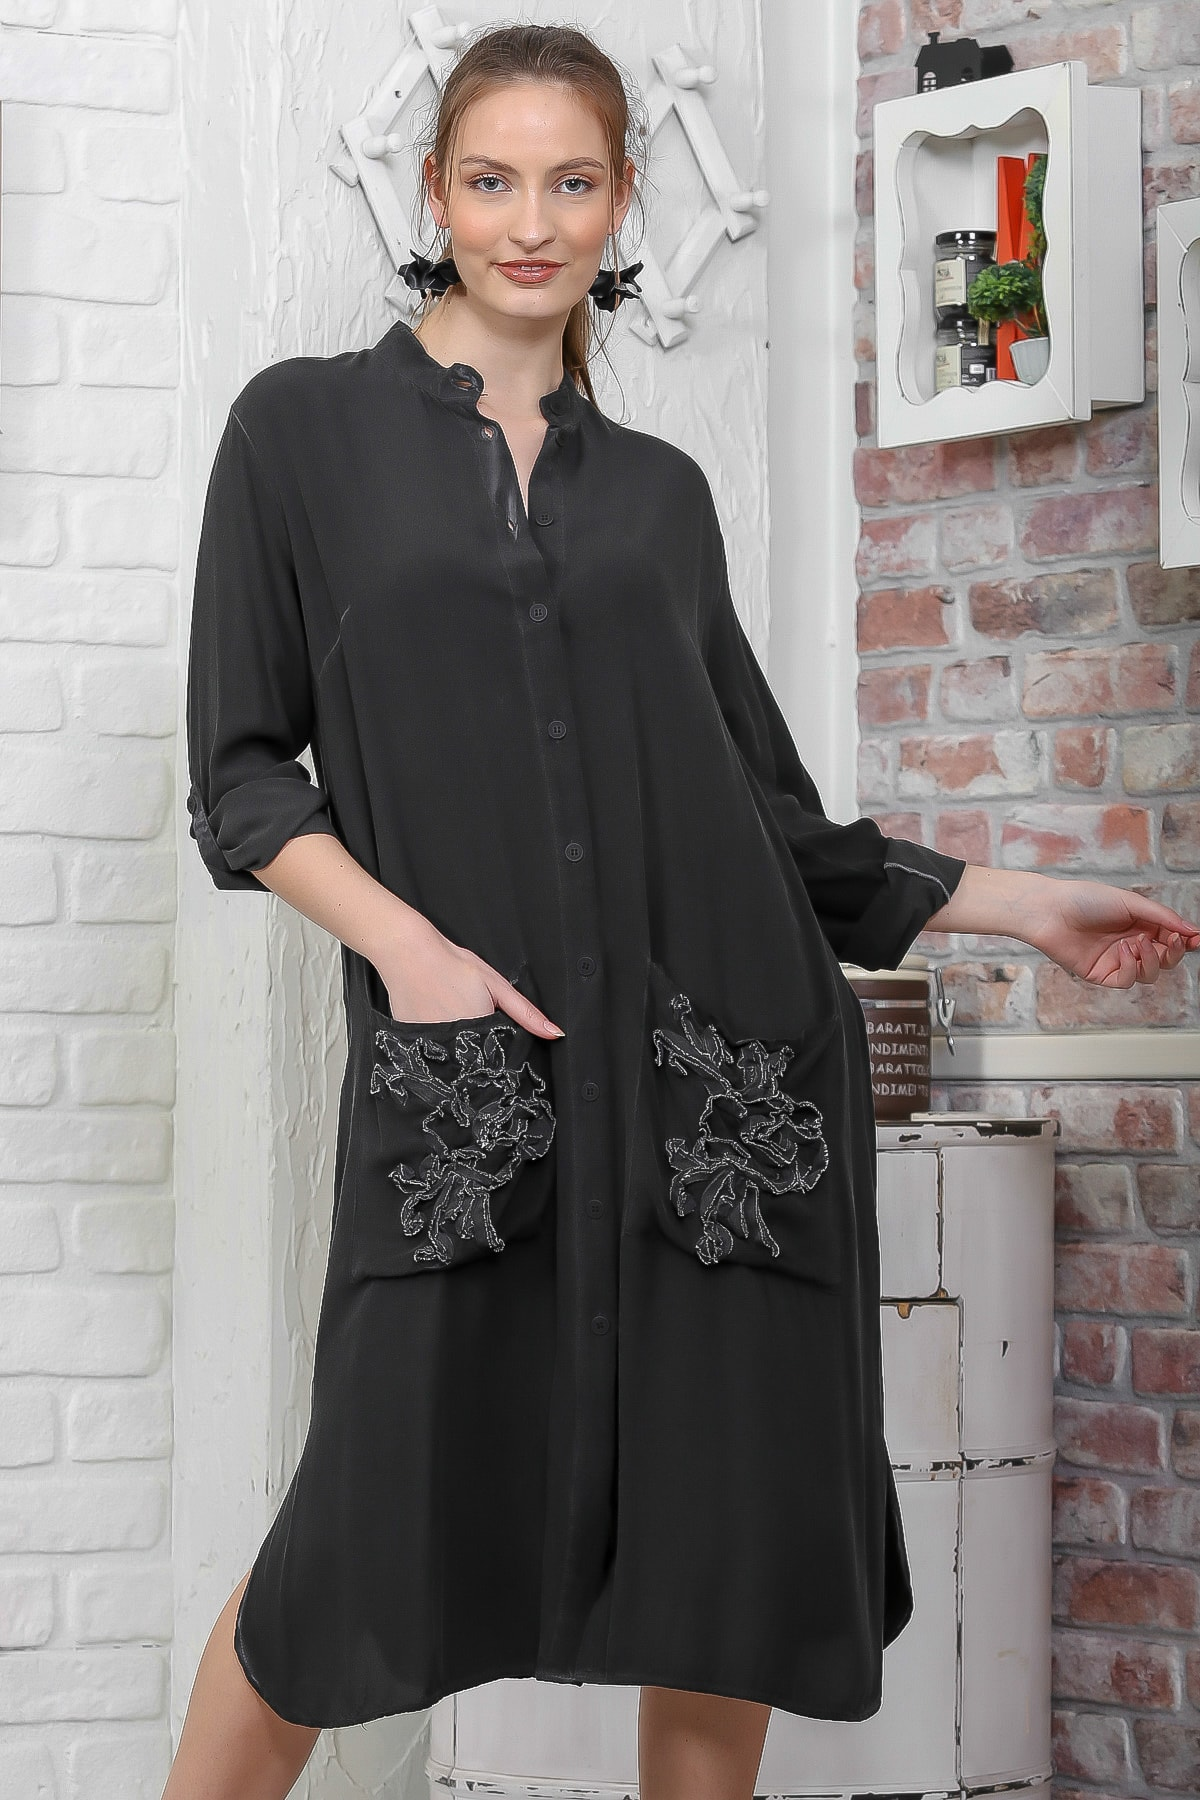 Chiccy Kadın Siyah Düğmeli Cepli Yıkamalı Midi Elbise M10160000EL95104